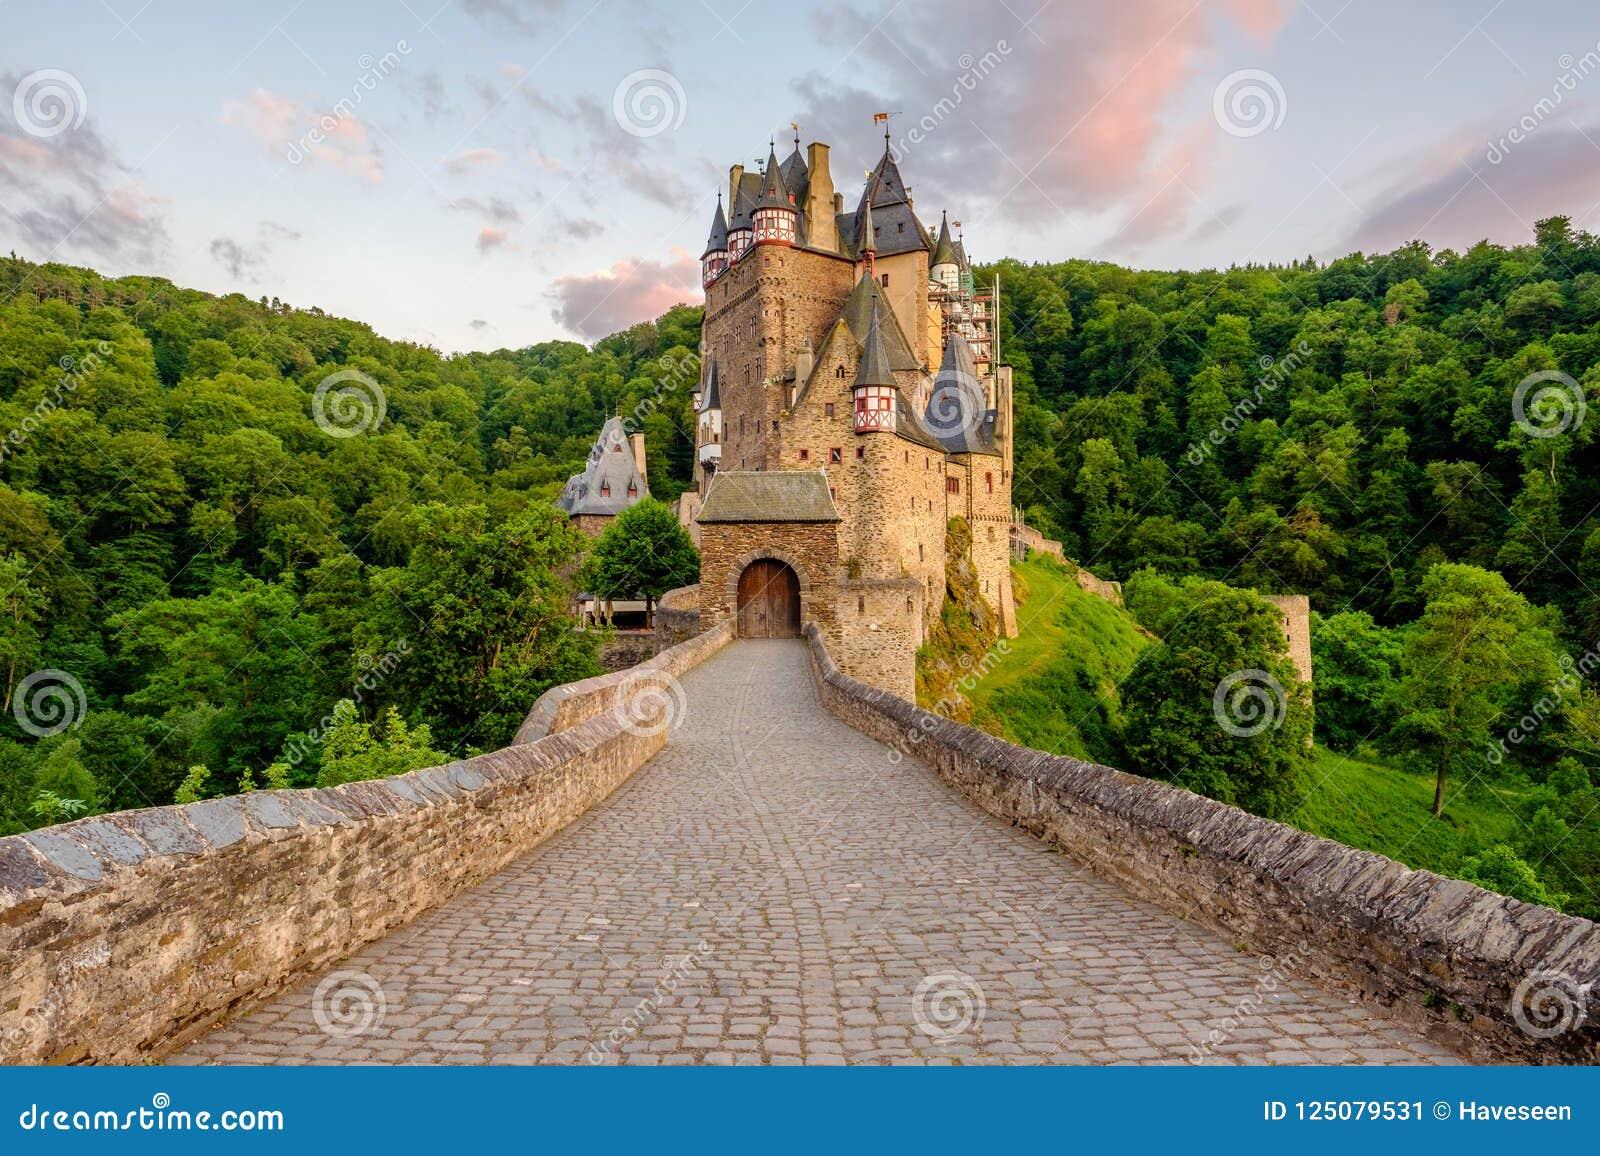 Burg Eltz-Schloss in Rheinland-Pfalz bei Sonnenuntergang